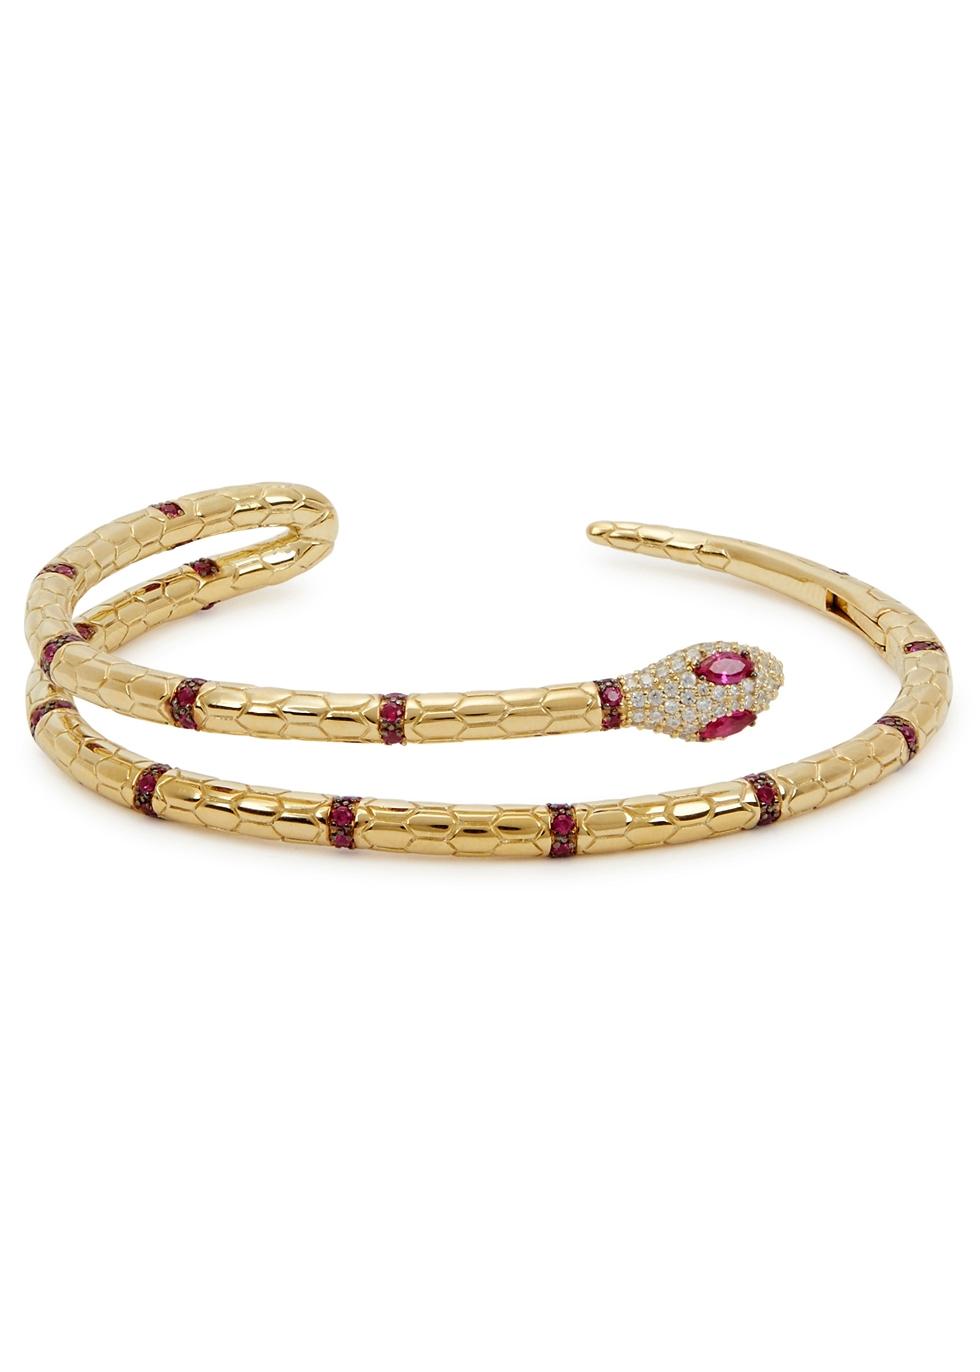 APM MONACO Gold-Tone Embellished Sterling Silver Bracelet